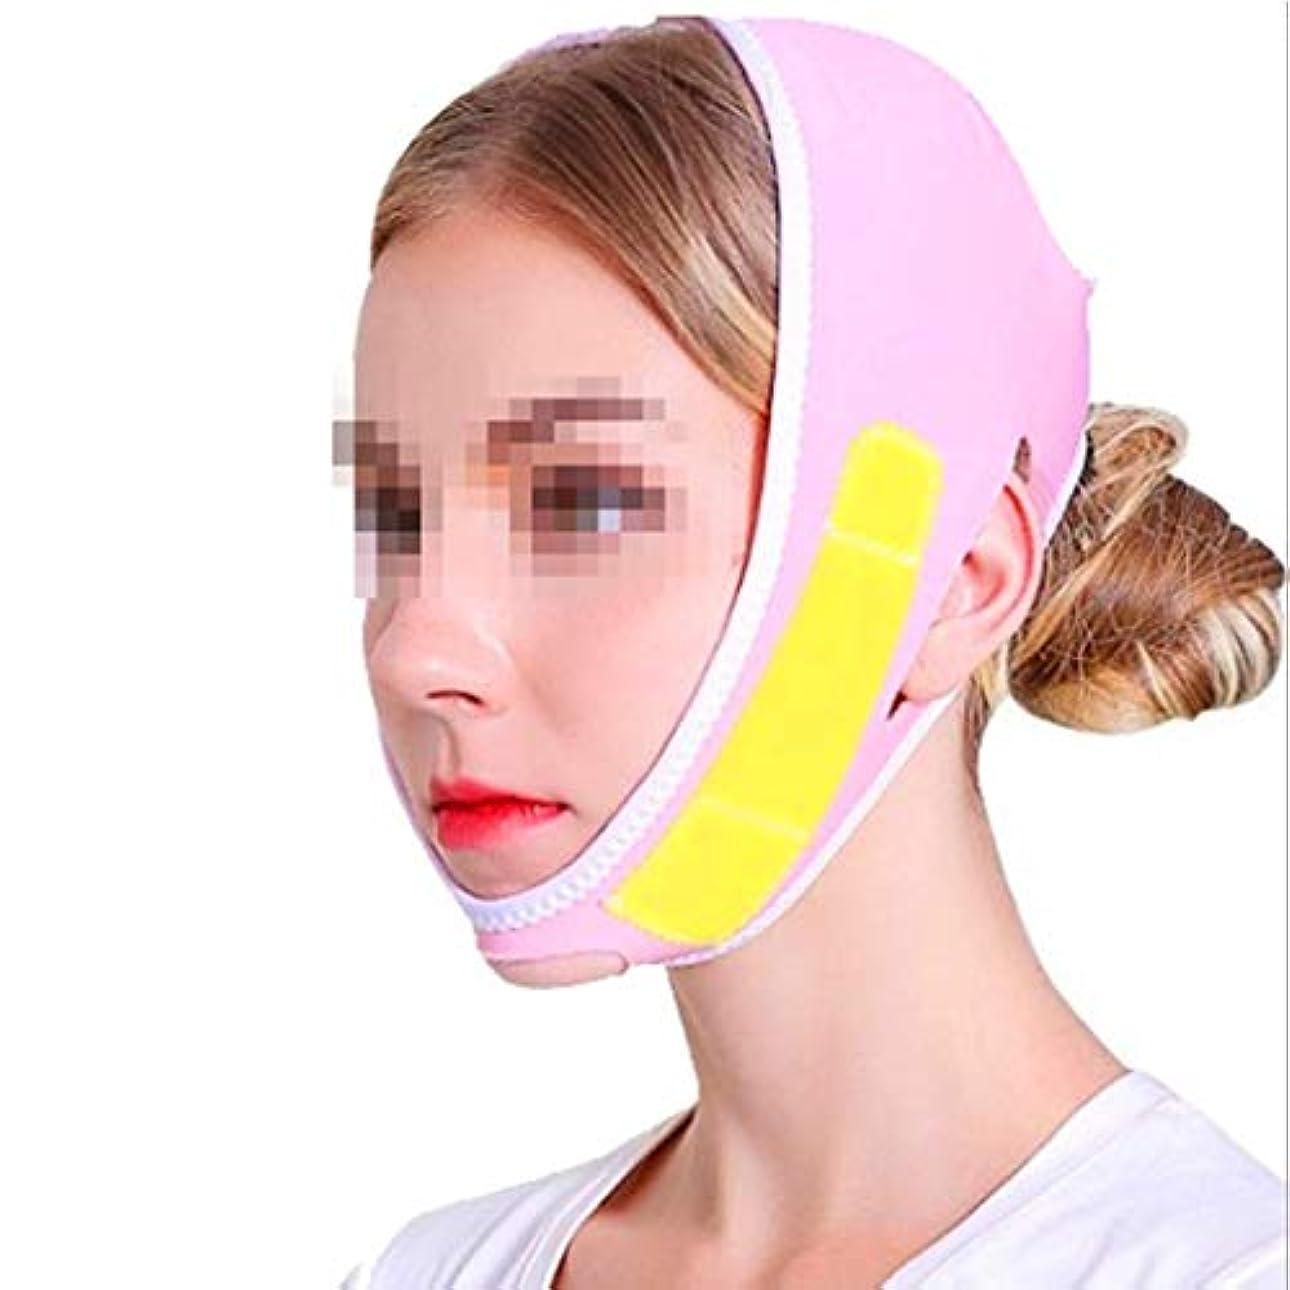 拒絶シニスパイロットフェイスリフトマスク、Vフェイスフェイシャルリフティング、およびローラインにしっかりと締め付けます二重あごの美容整形包帯マルチカラーオプション(カラー:イエロー),ピンク